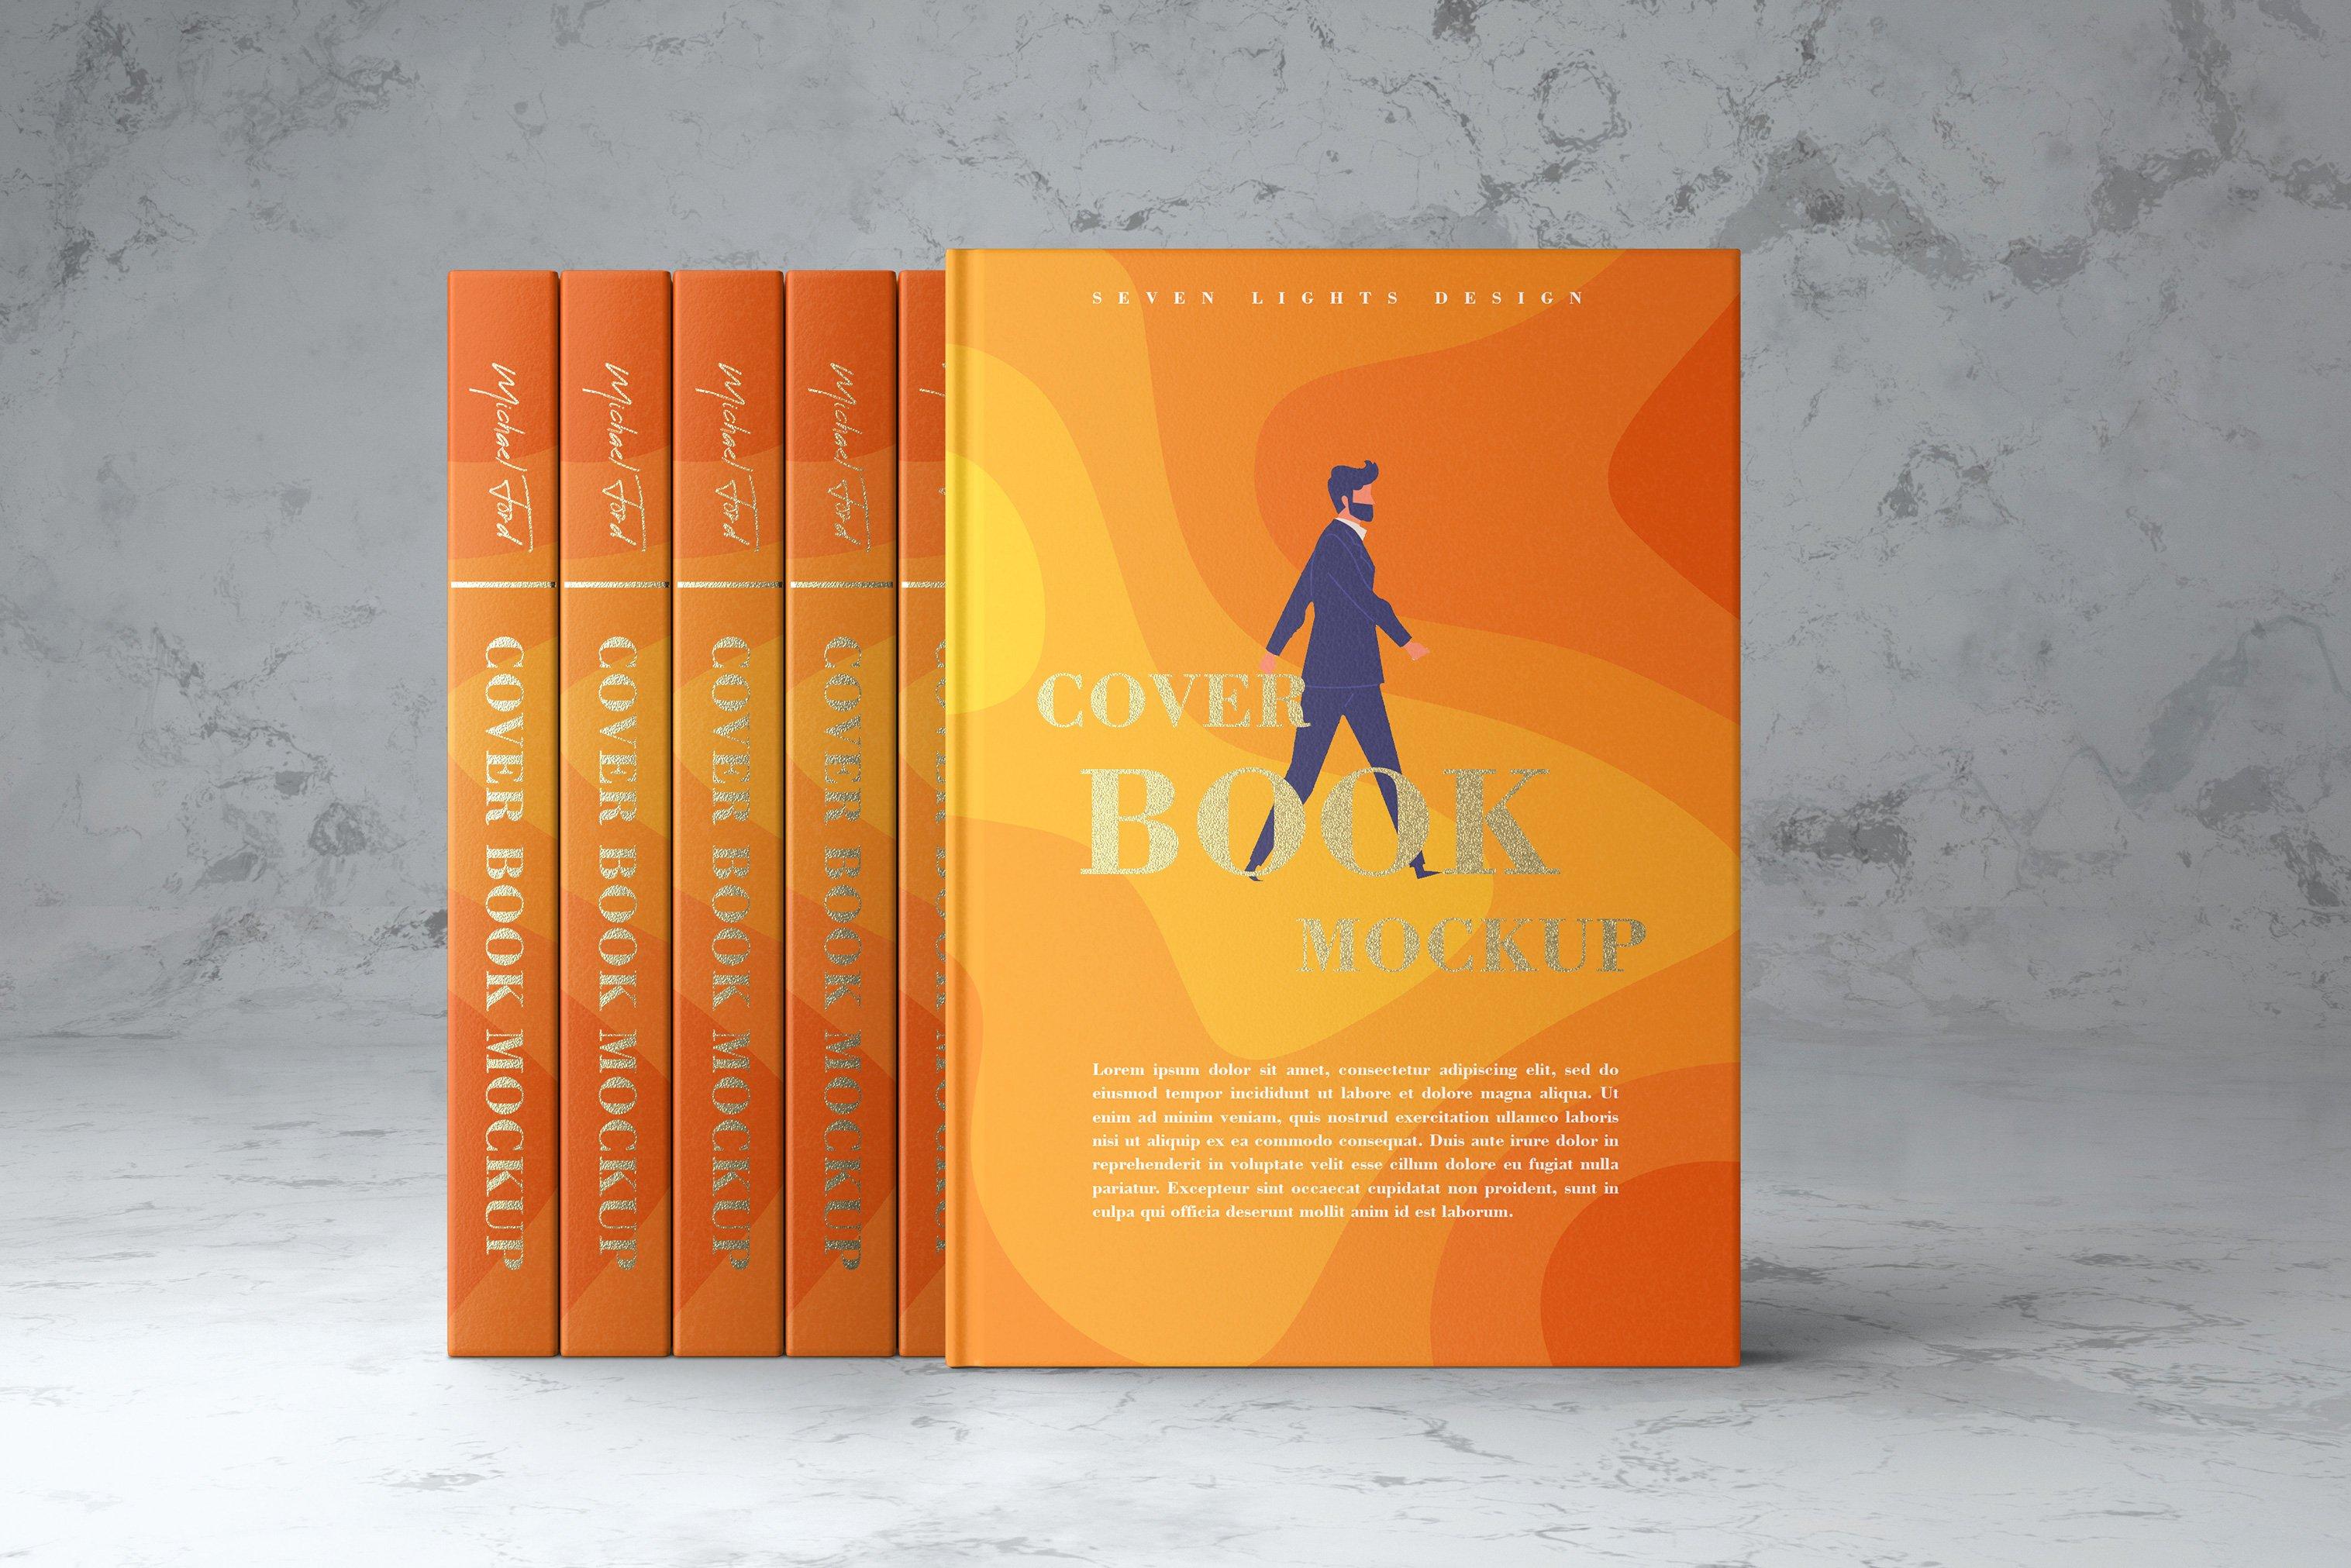 7款精装书封面设计展示样机模板集 Book Cover Mockup Set插图(1)